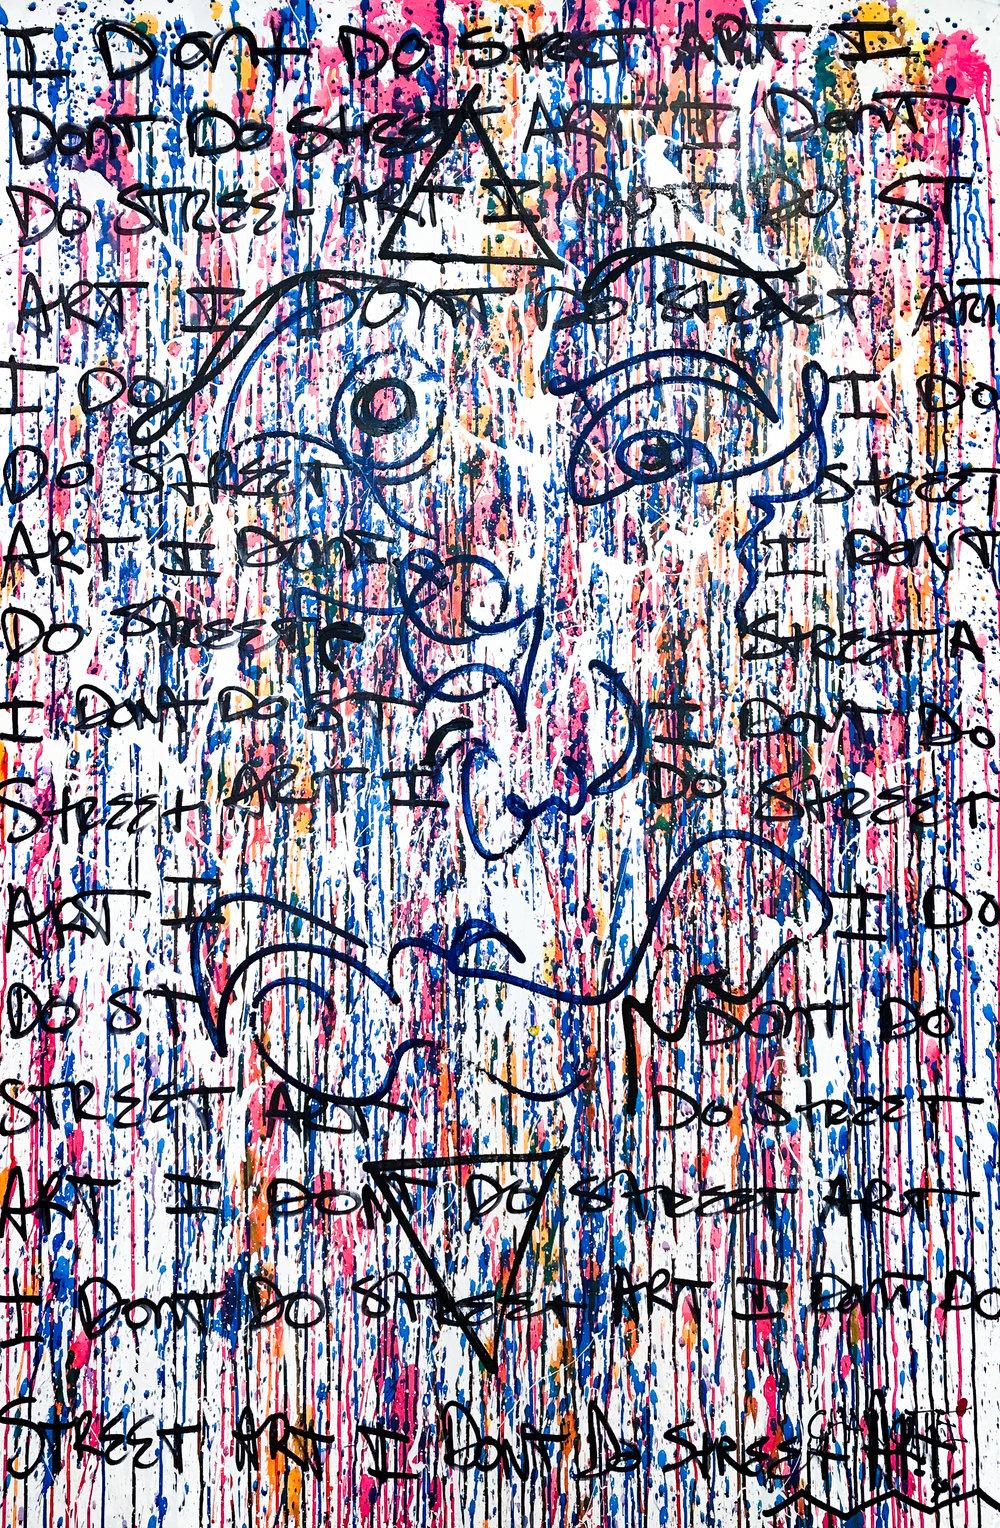 I Don't Do Street Art - 72